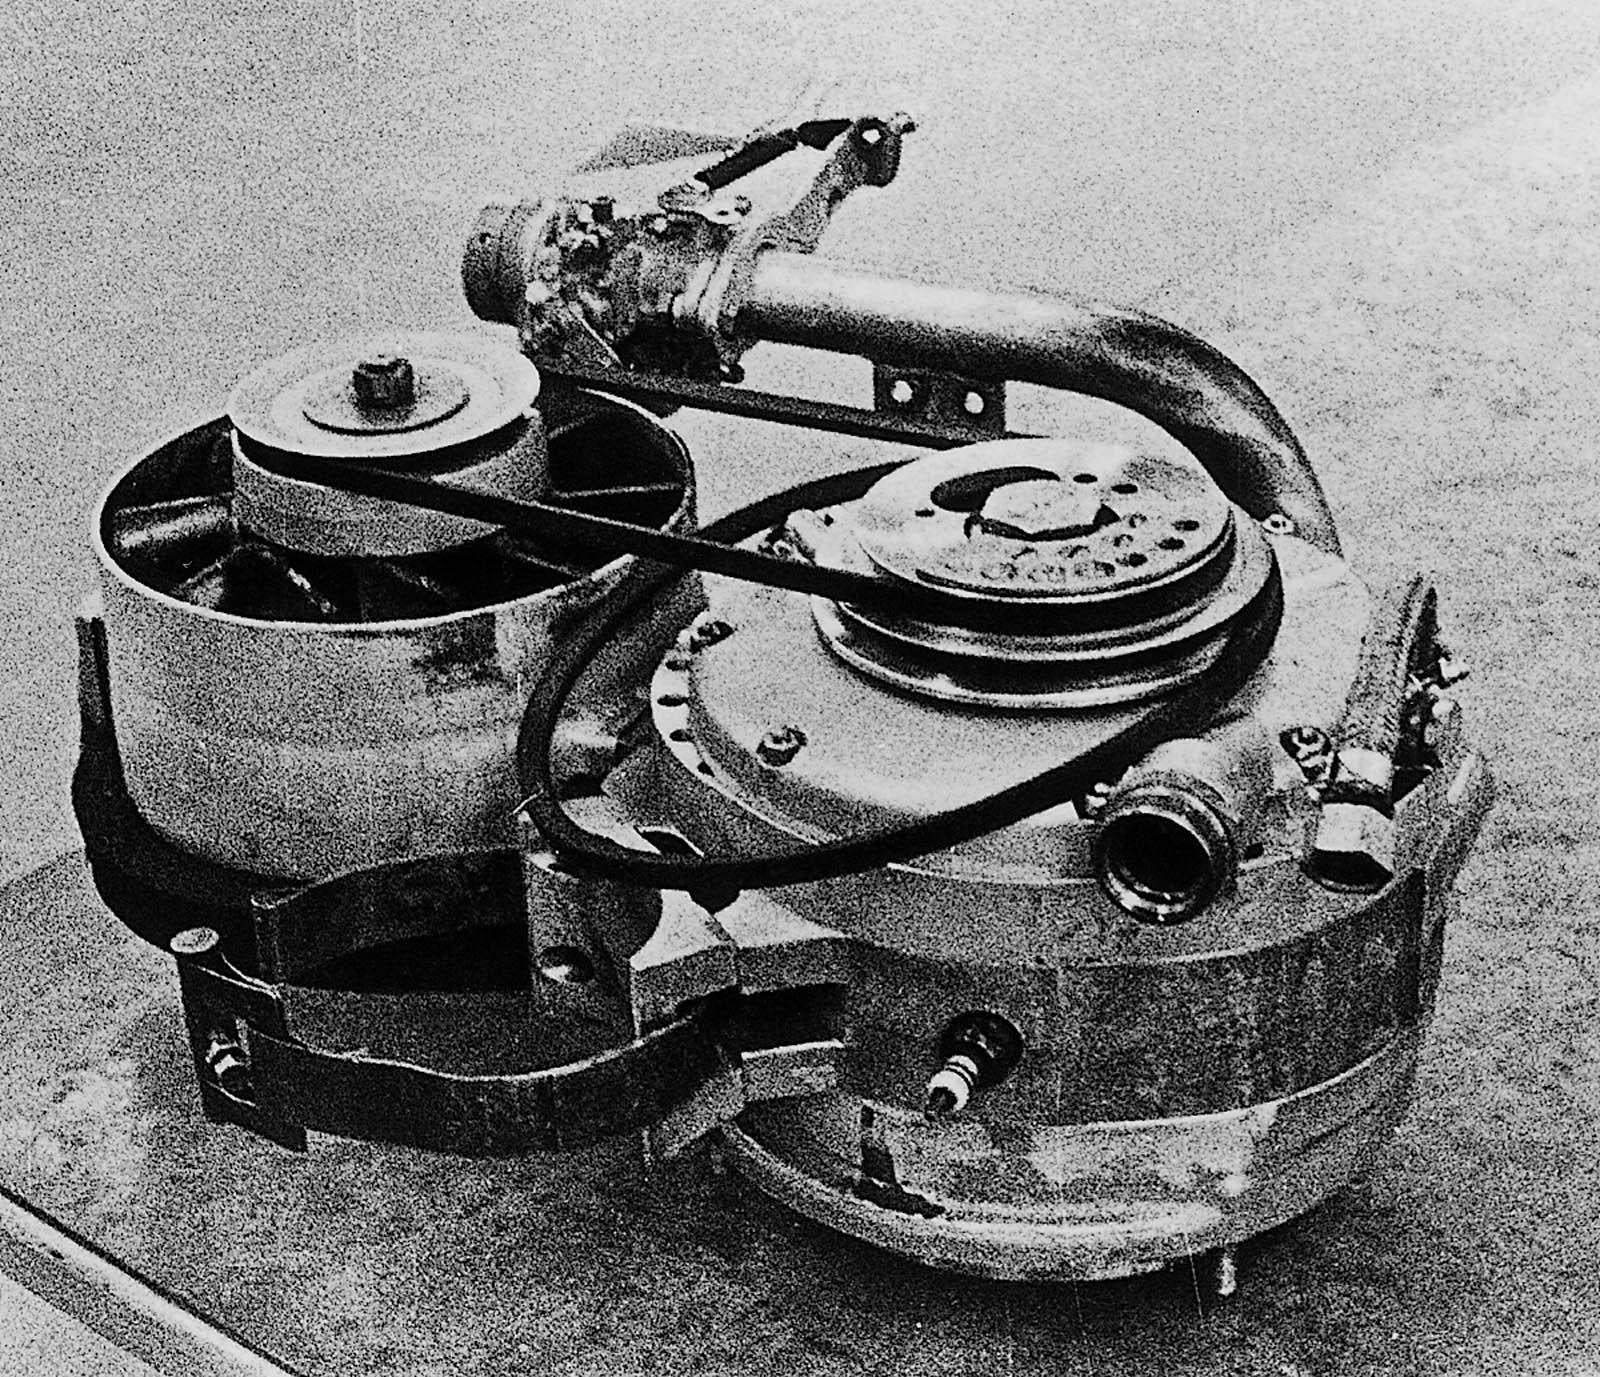 Mazda-50-years-of-rotary-p09_03